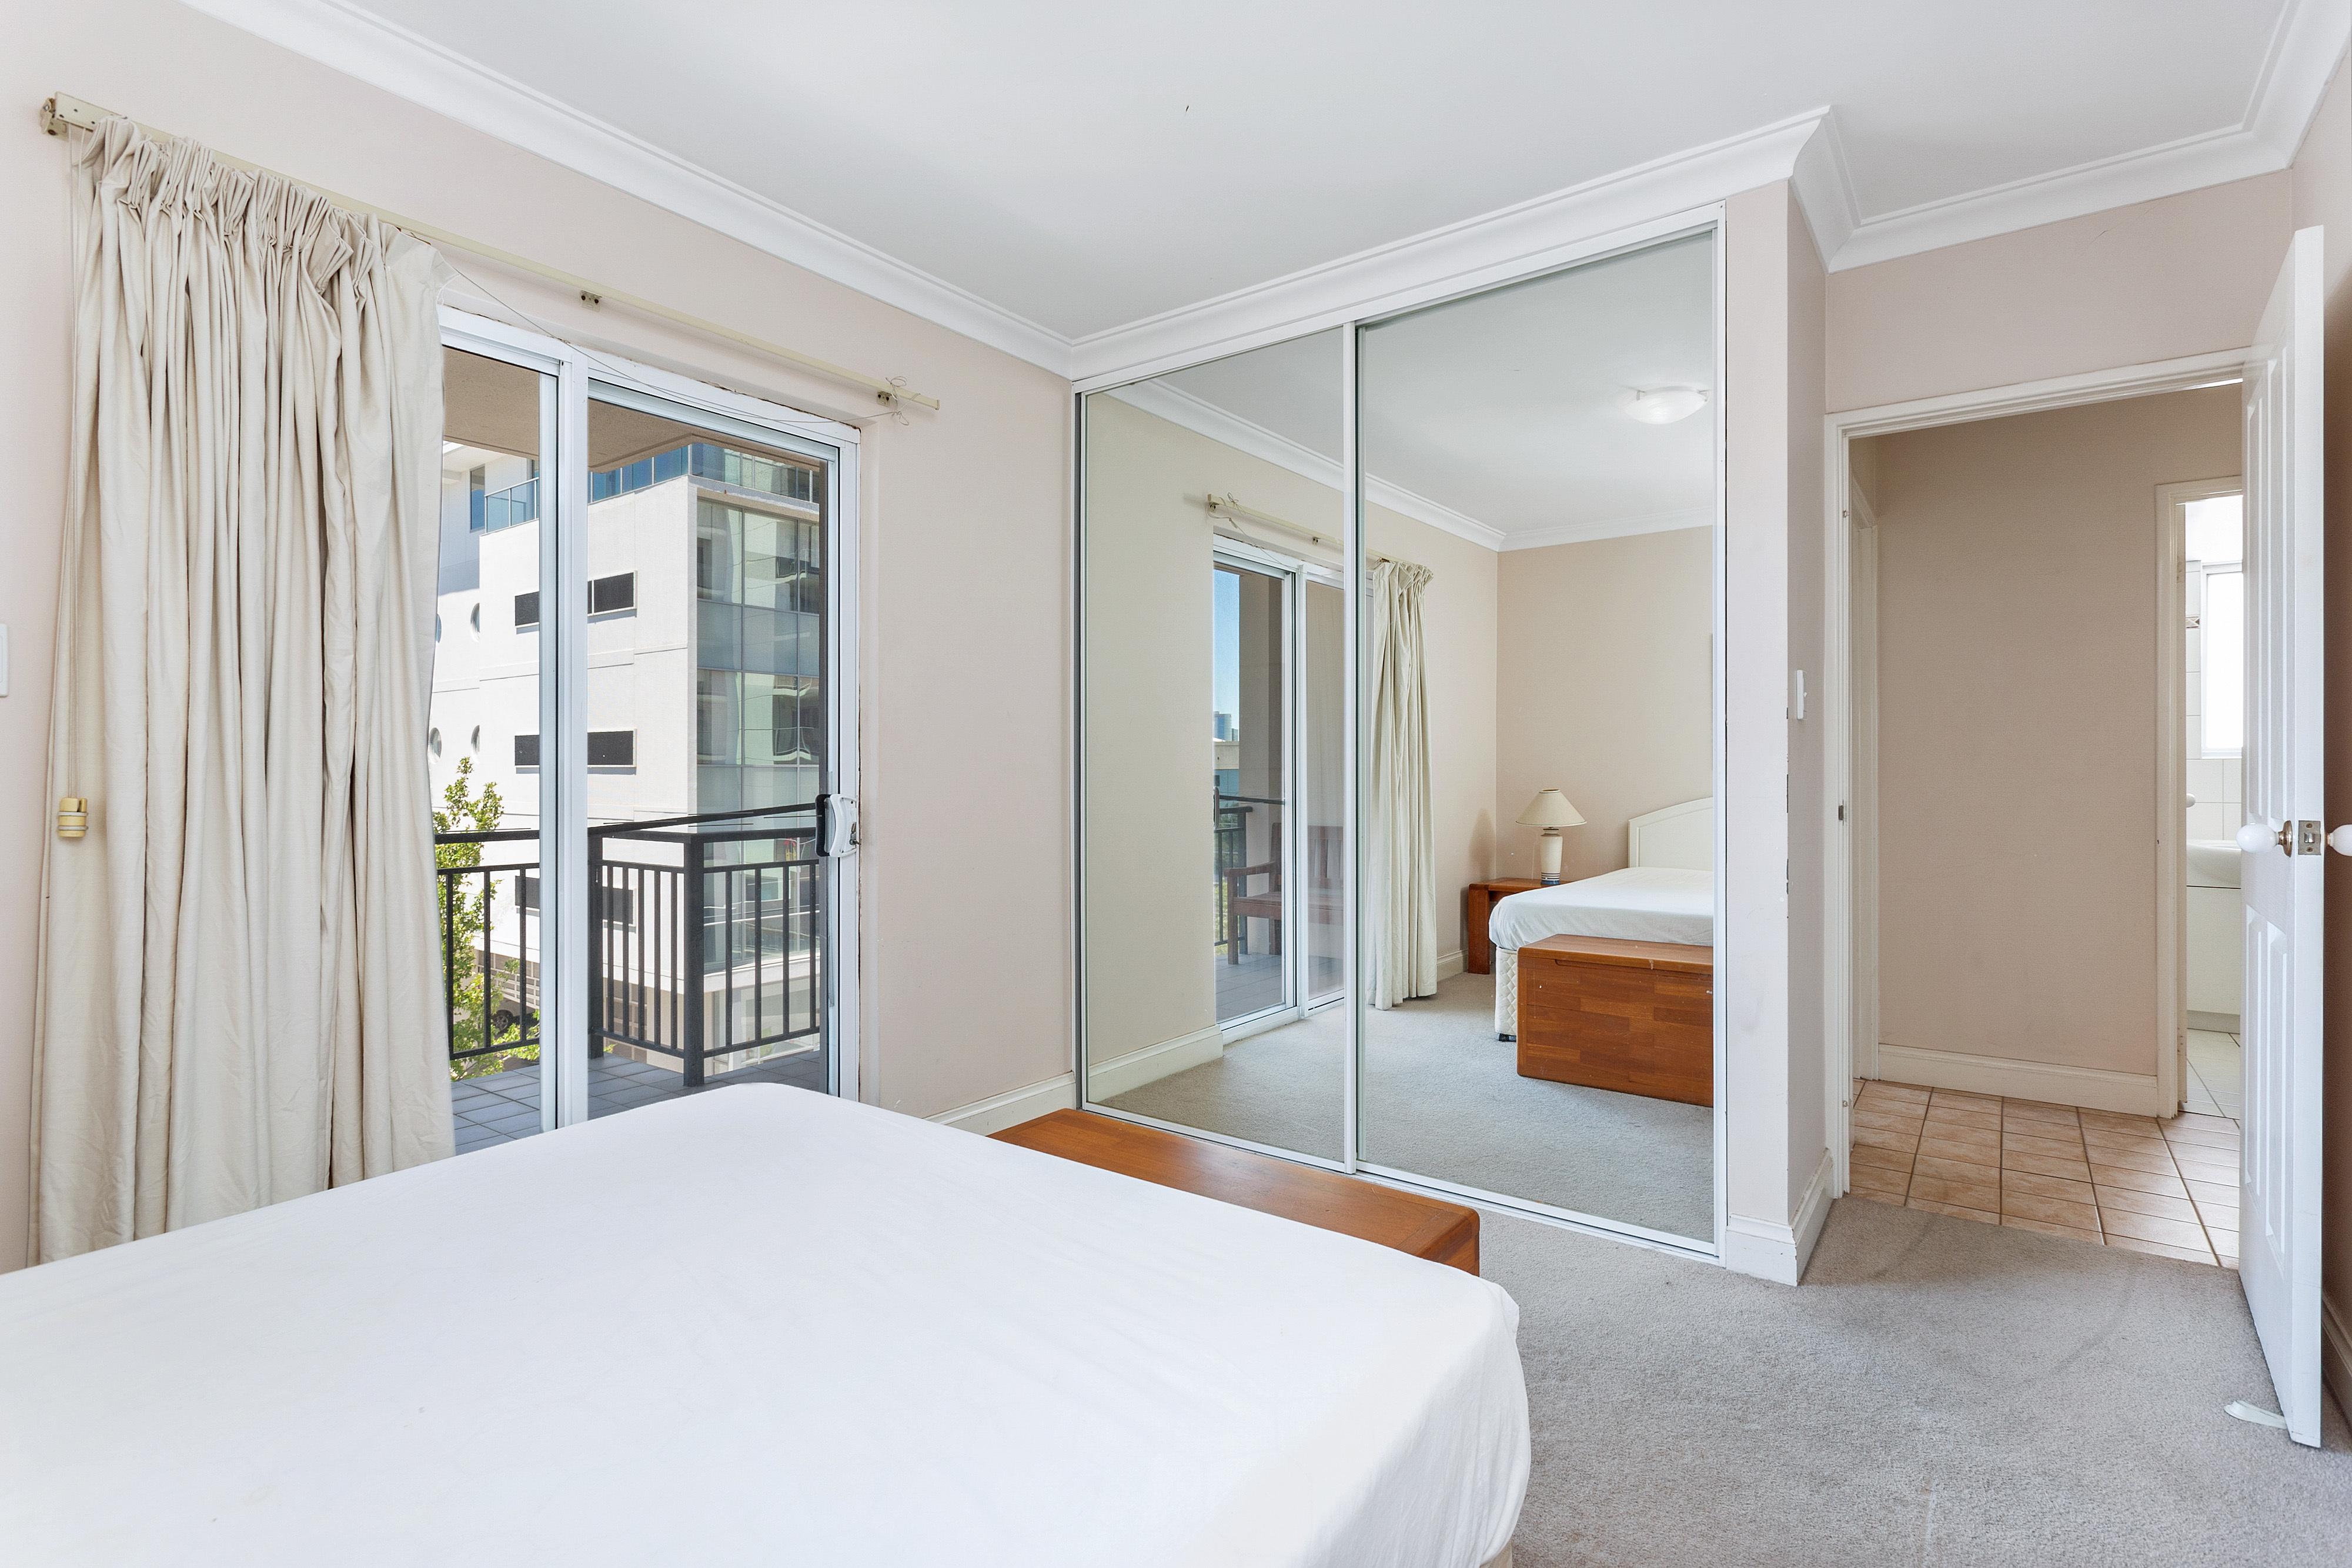 PRINT 9w 161 Colin Street, West Perth 04